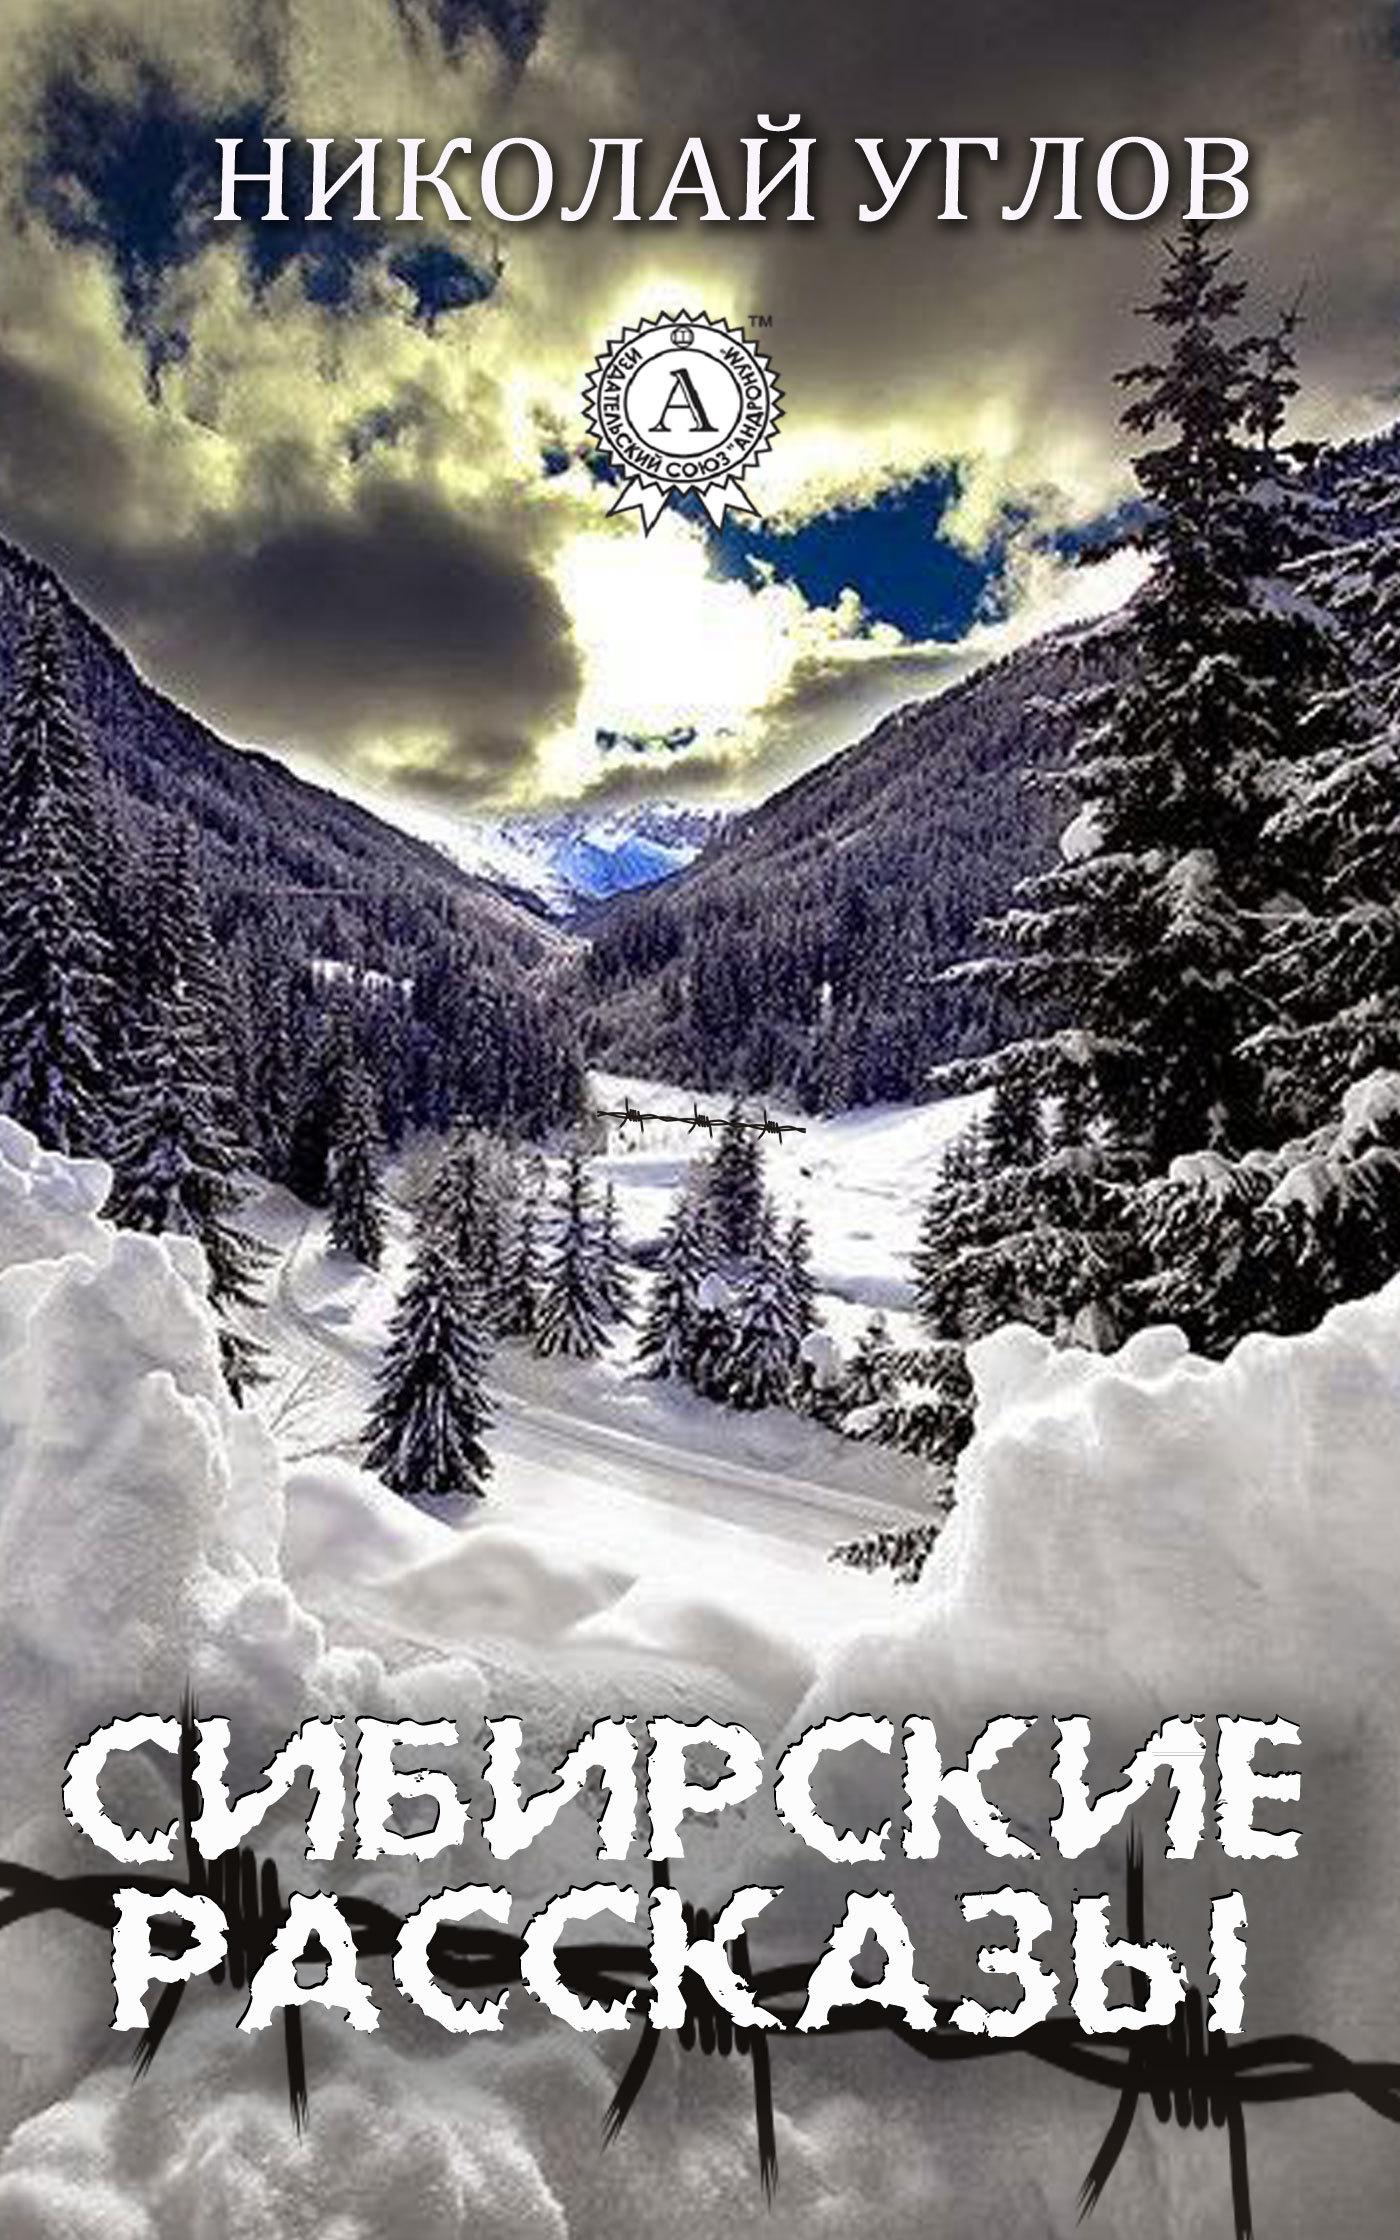 Обложка книги Сибирские рассказы, автор Углов, Николай